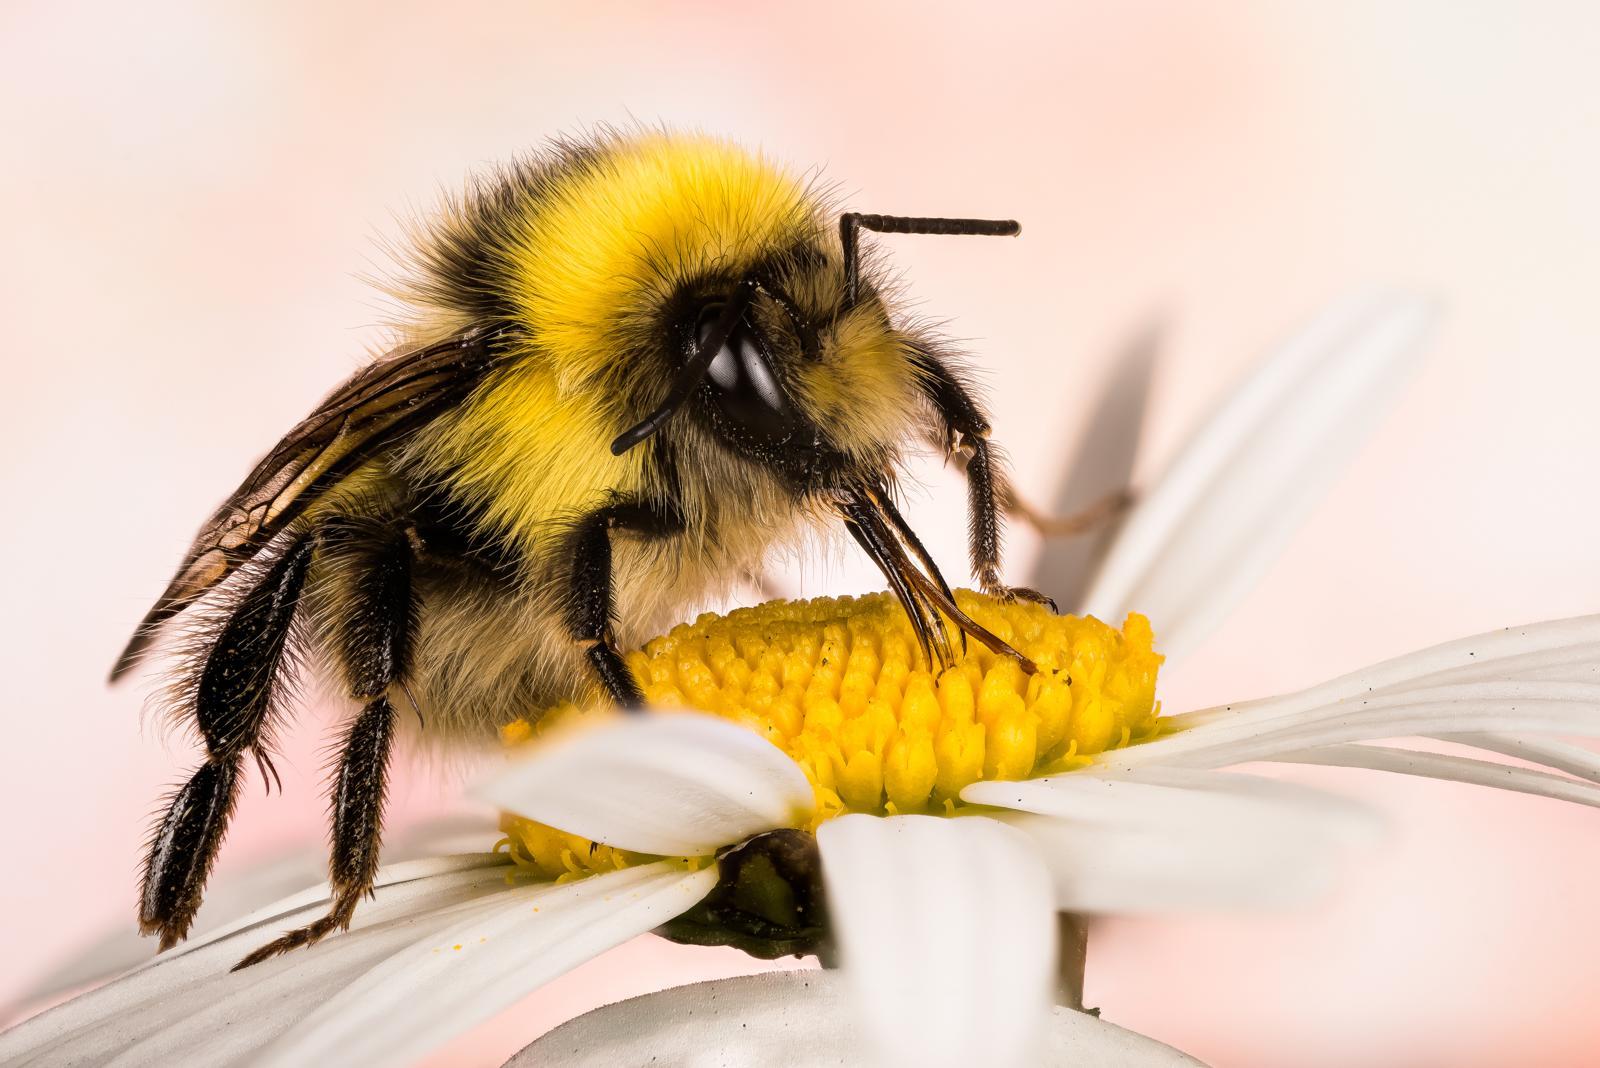 Machen Hummeln Honig? - Plantura